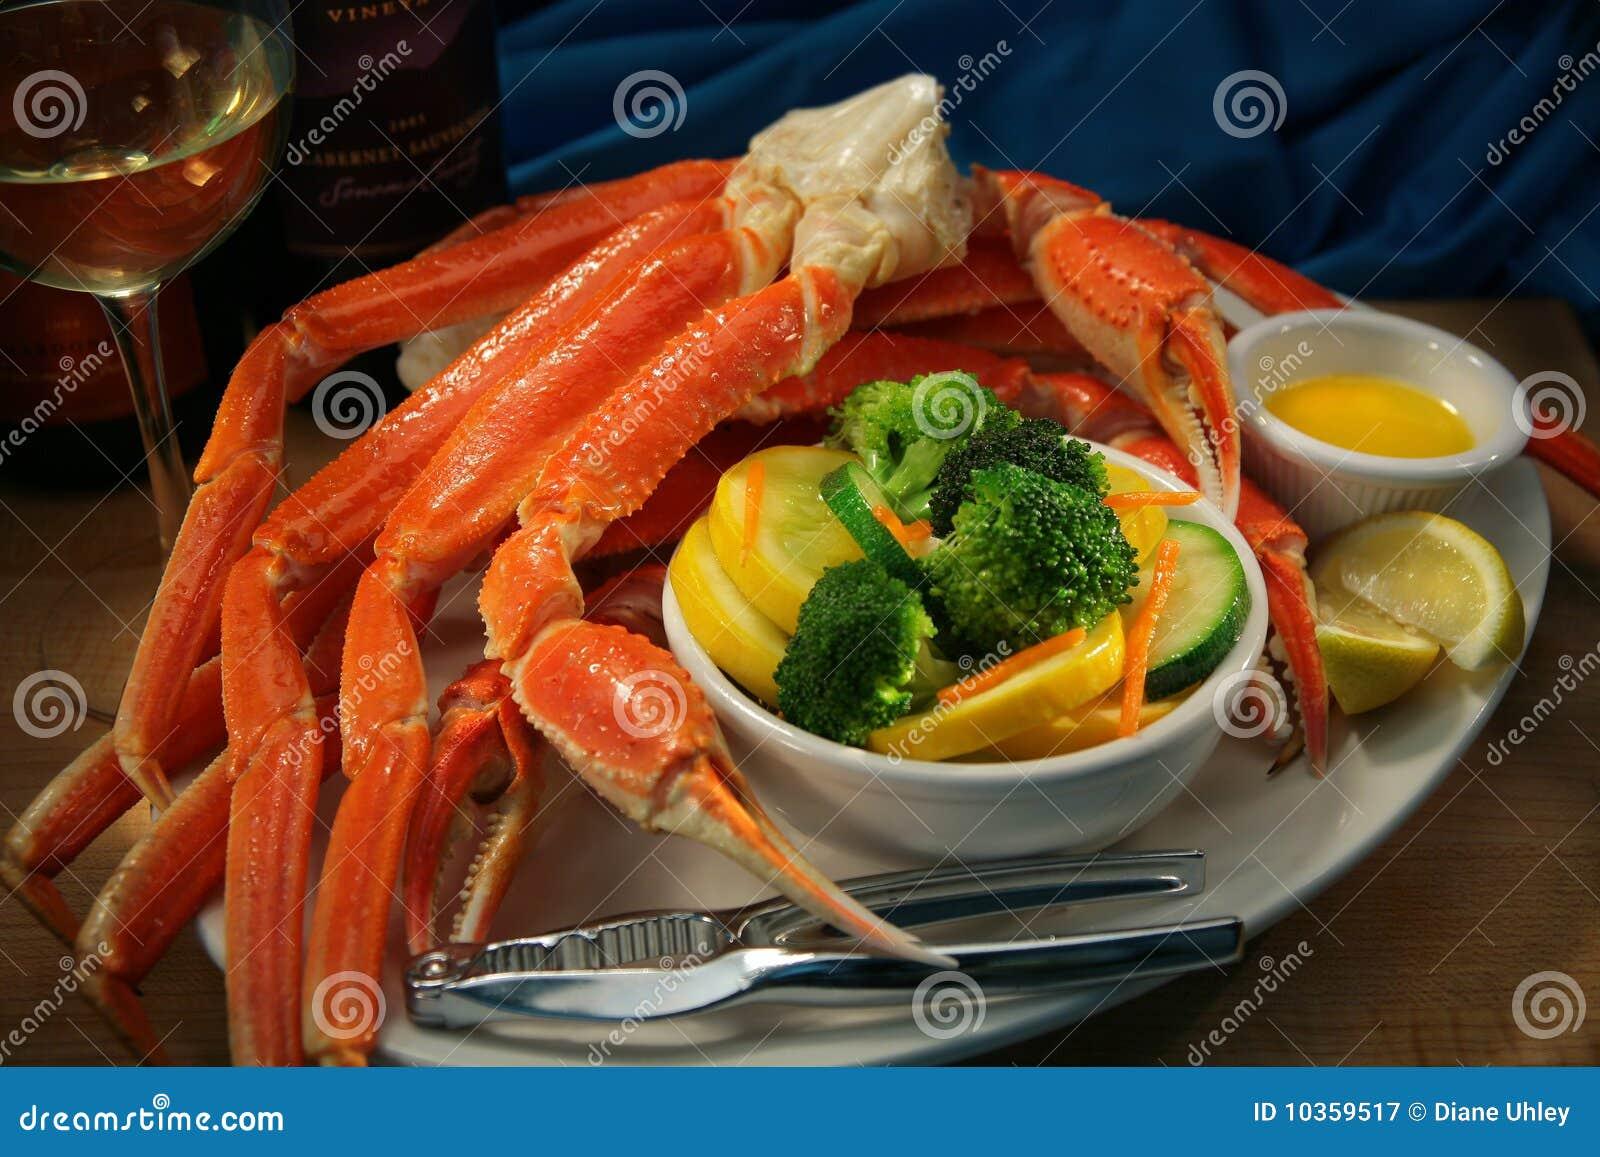 Piernas de cangrejo